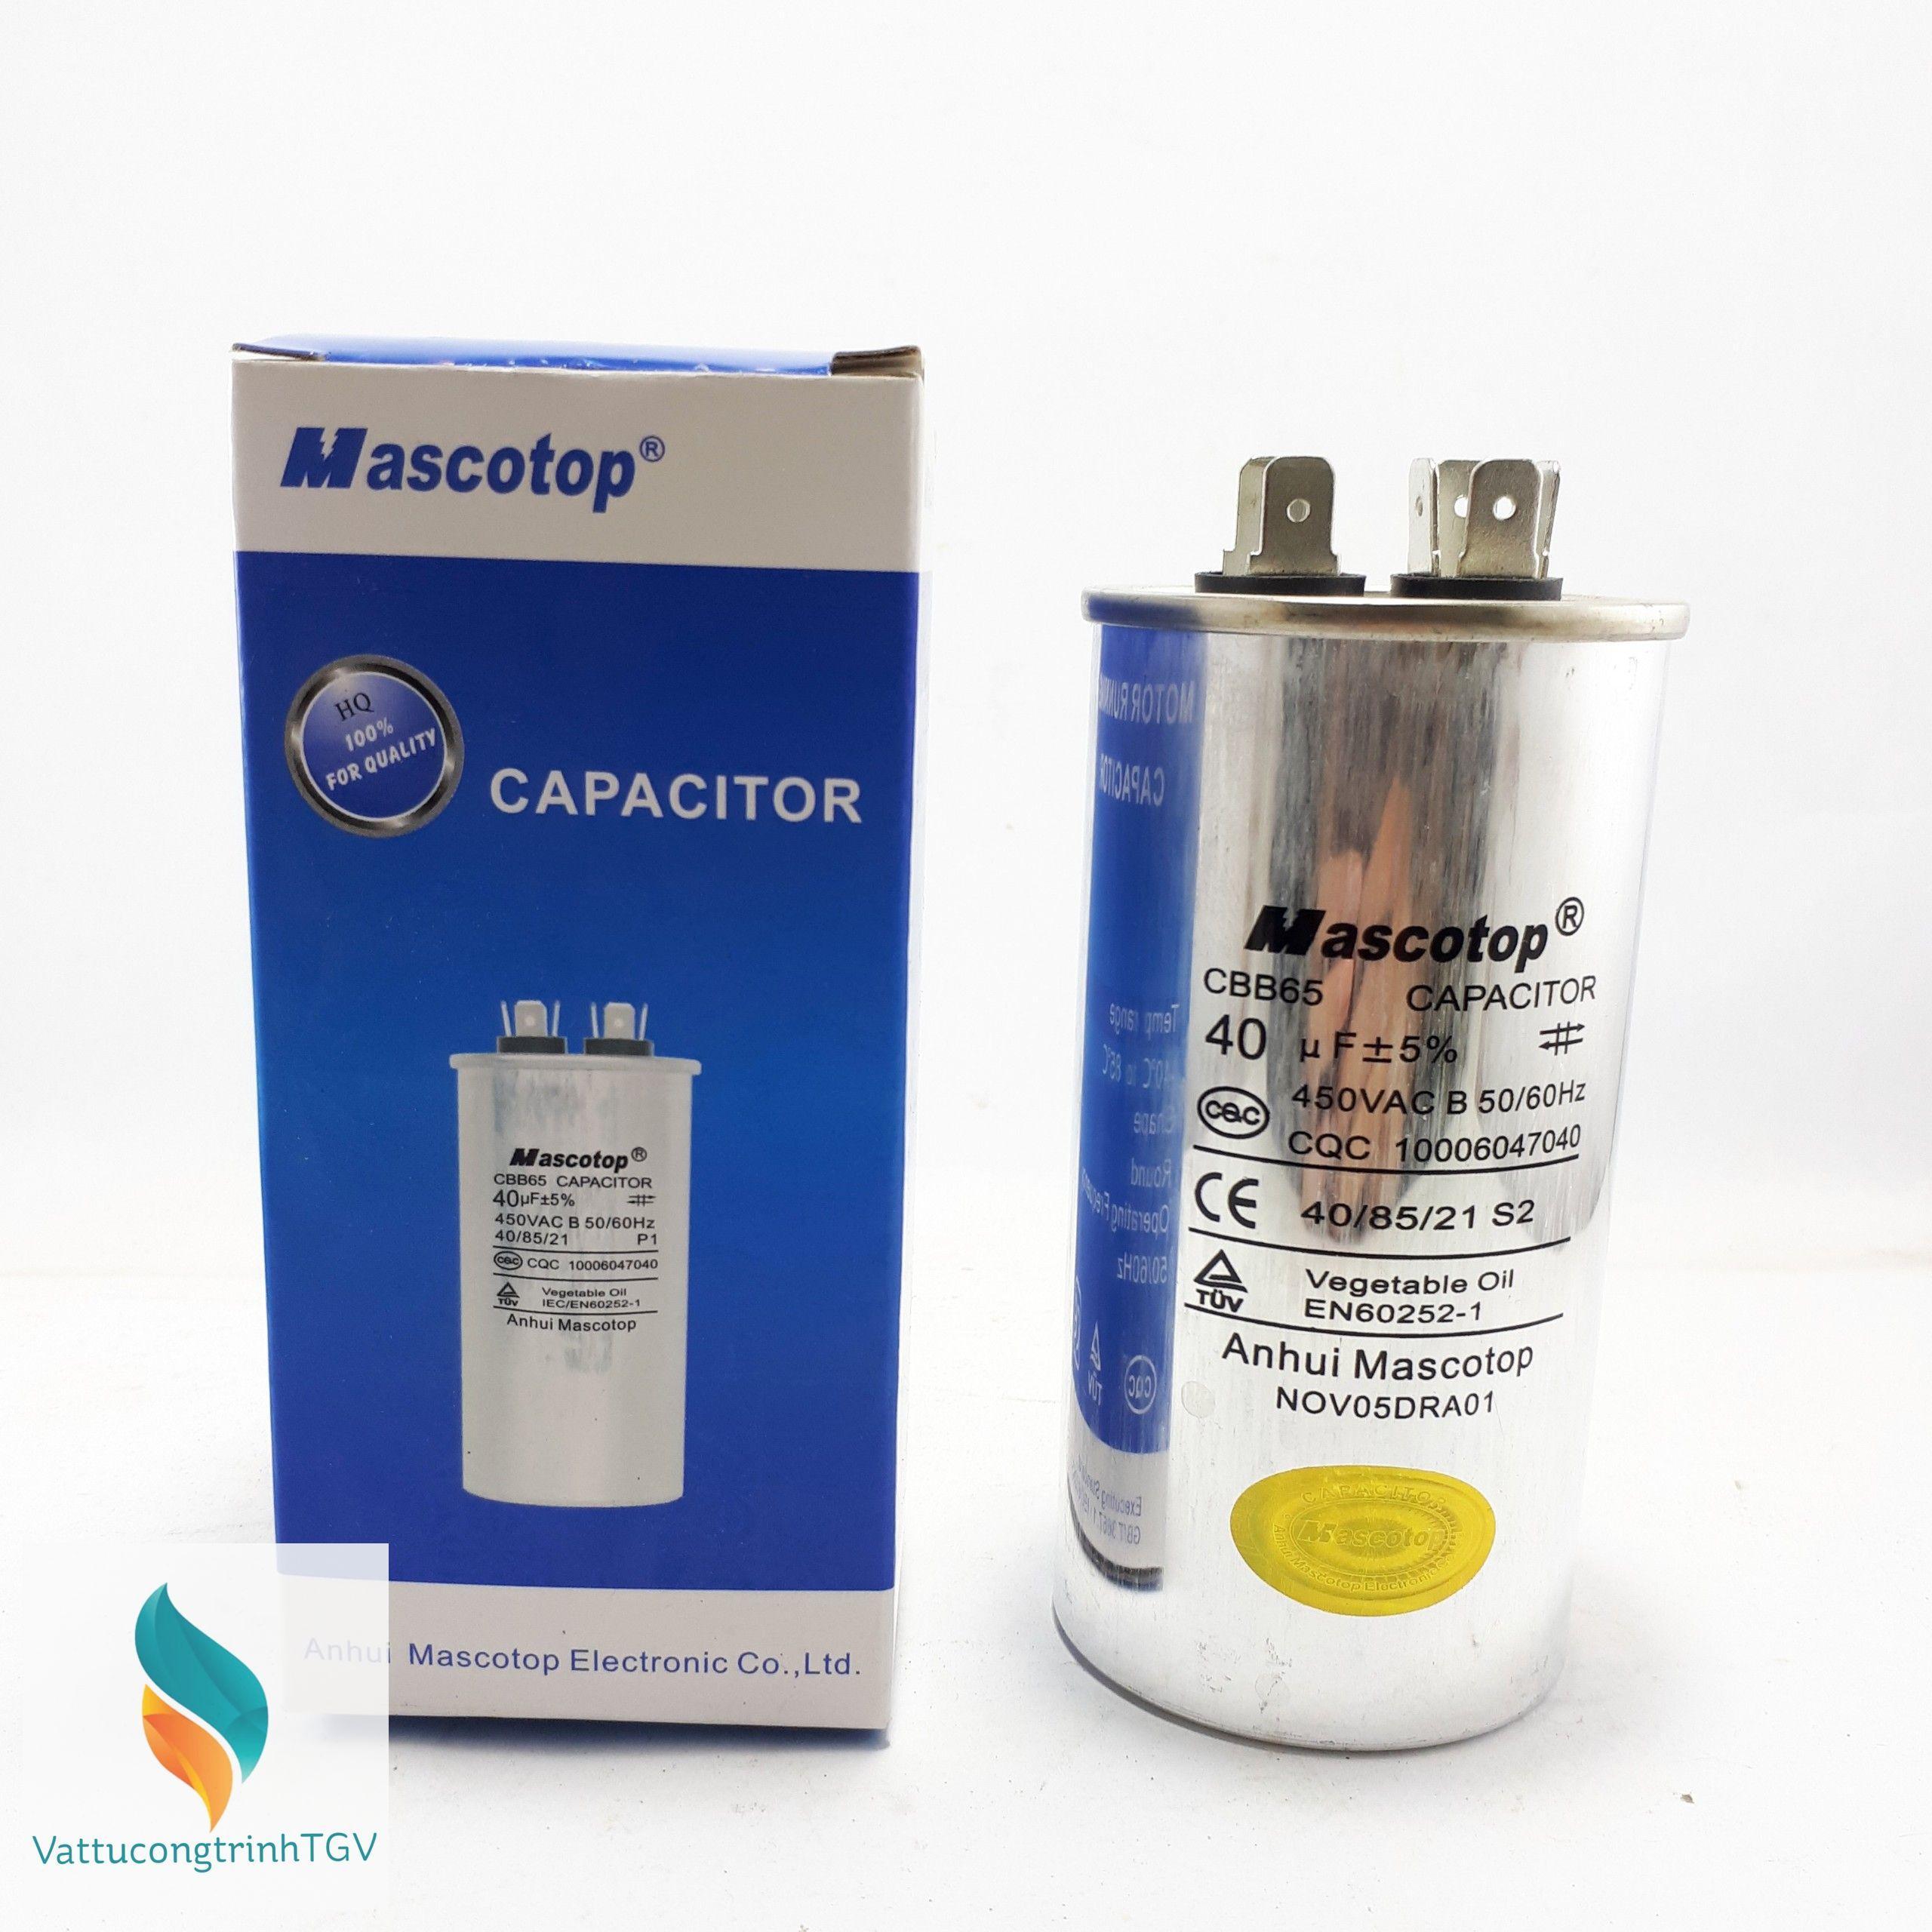 Tụ Mascotop CBB65 40mF+5% ( Dùng cho điều hòa)